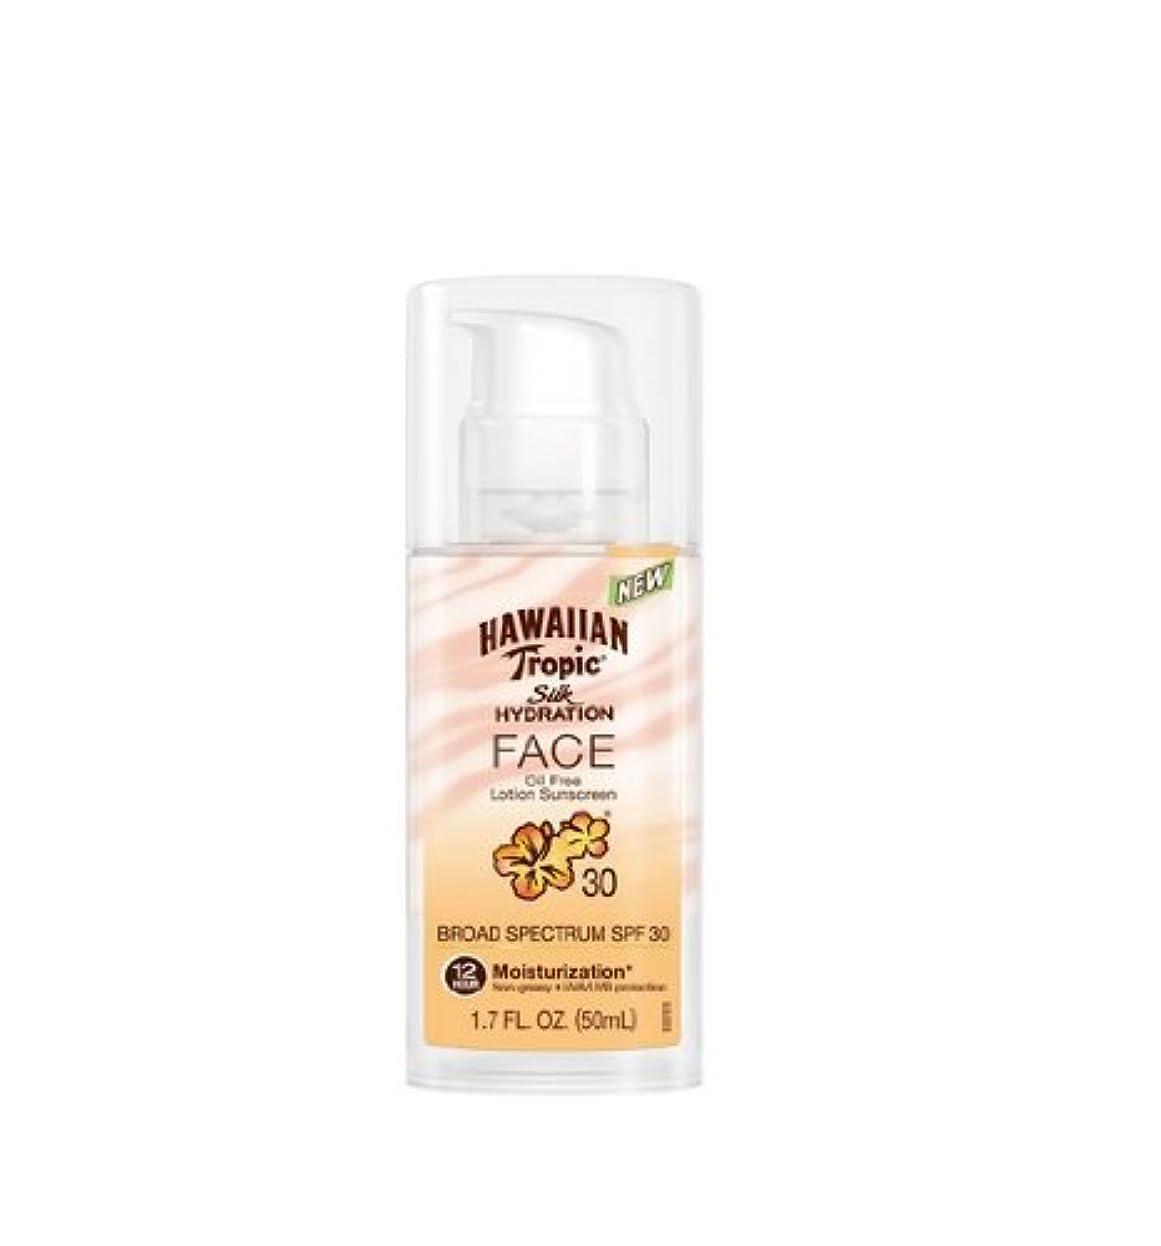 美的絶対の寸法【お顔専用日焼け止め】ハワイアントロピック Hawaiian Tropic Silk Hydration Face Lotion 【12時間持続】 SPF 30, 1.7 Ounce  ハワイ直送品